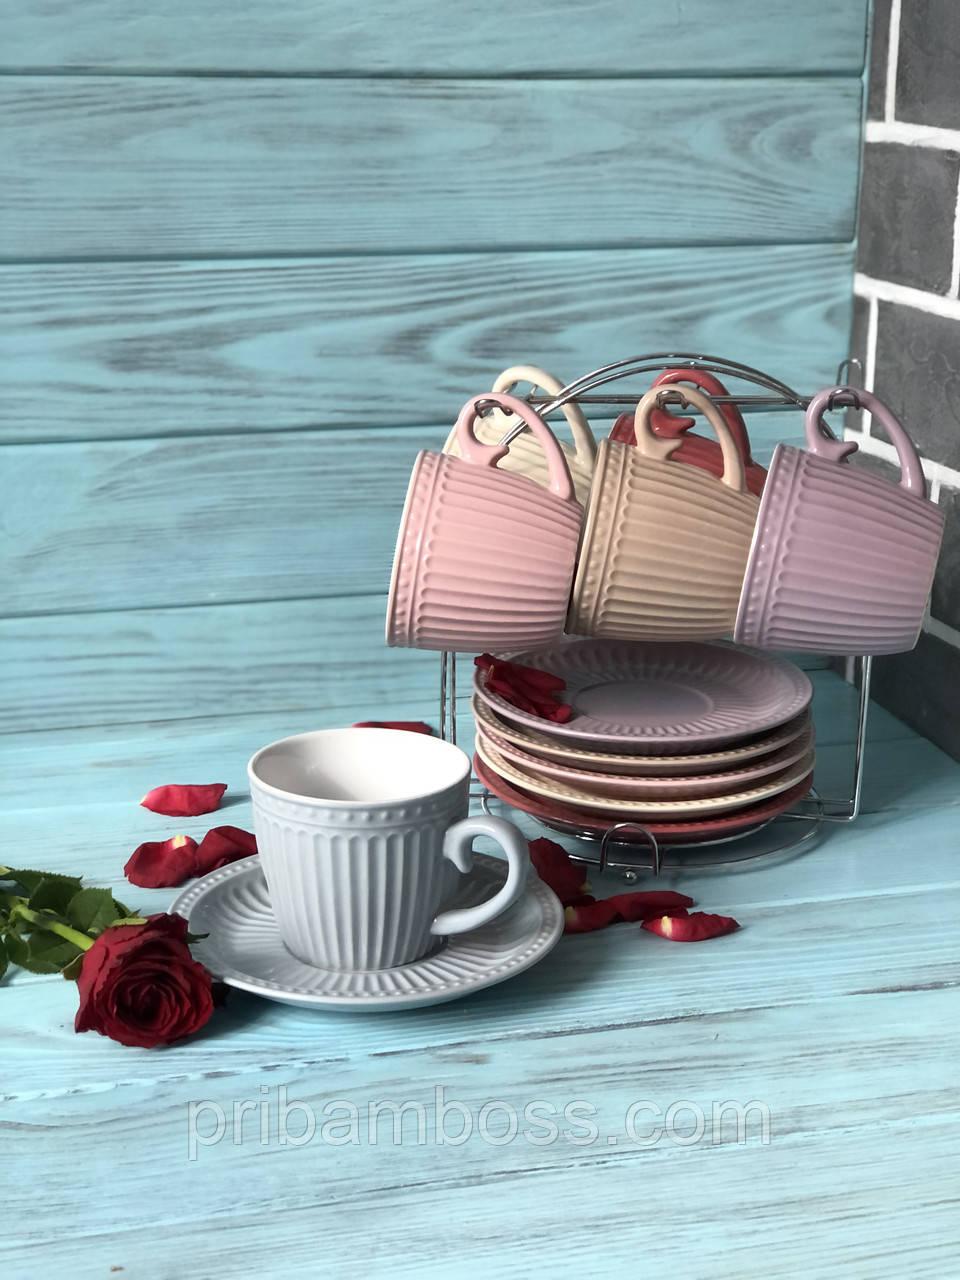 Набор чайный: 6 чашек 250м + 6 блюдец на металлической подставке